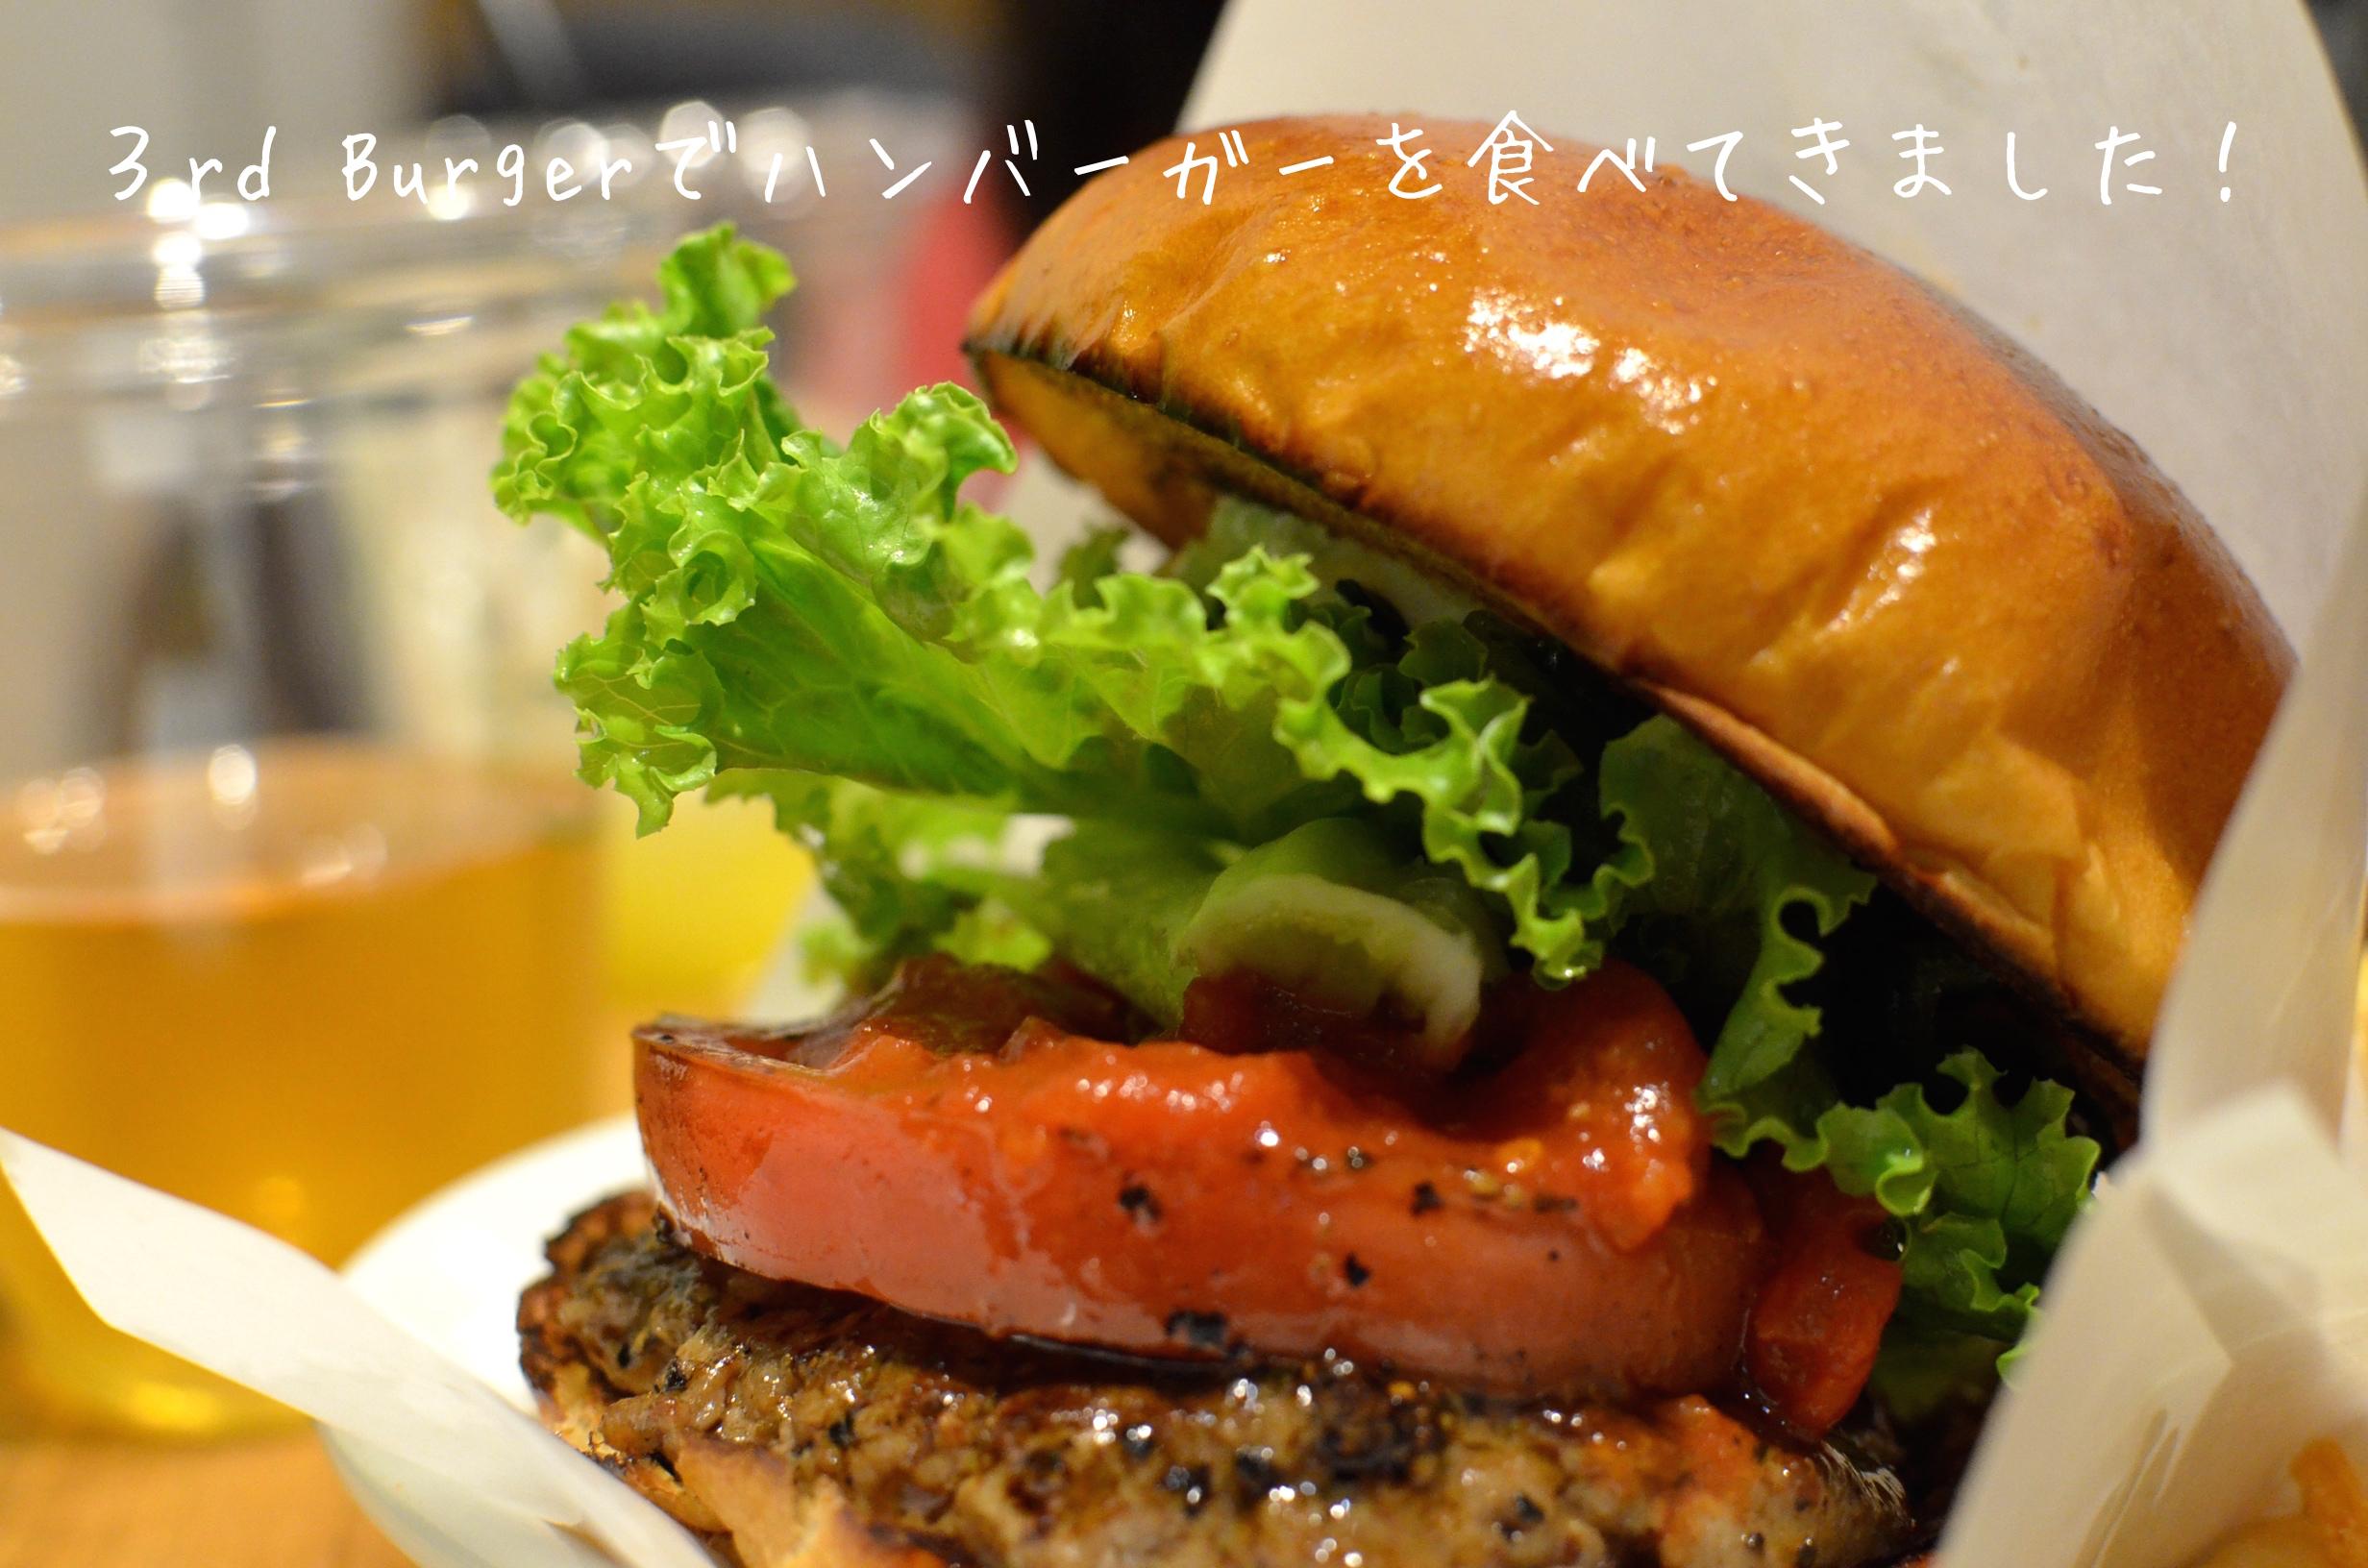 サードバーガー(青山骨董通り店)でハンバーガーを食べてきました!